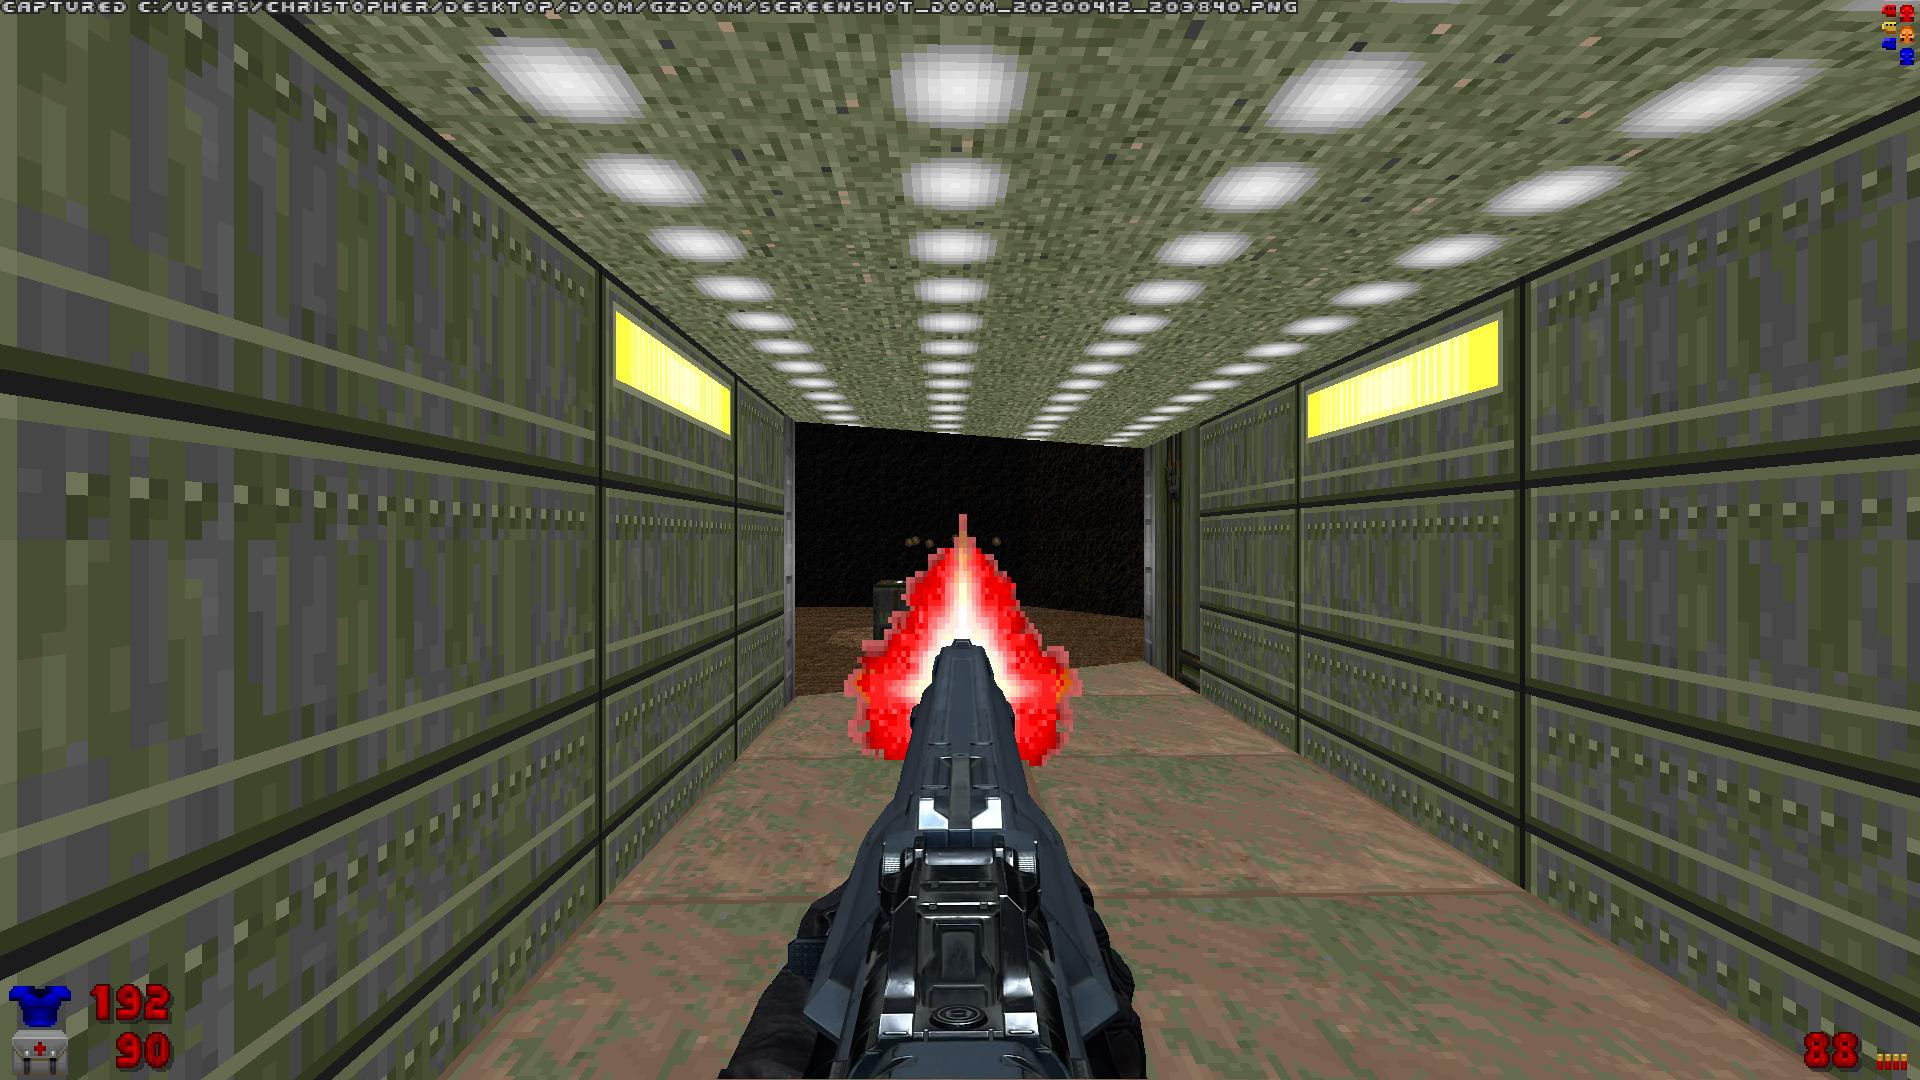 Screenshot_Doom_20200412_203842.png.e42e6e25d5e603569fd1a08a3cdcb169.png